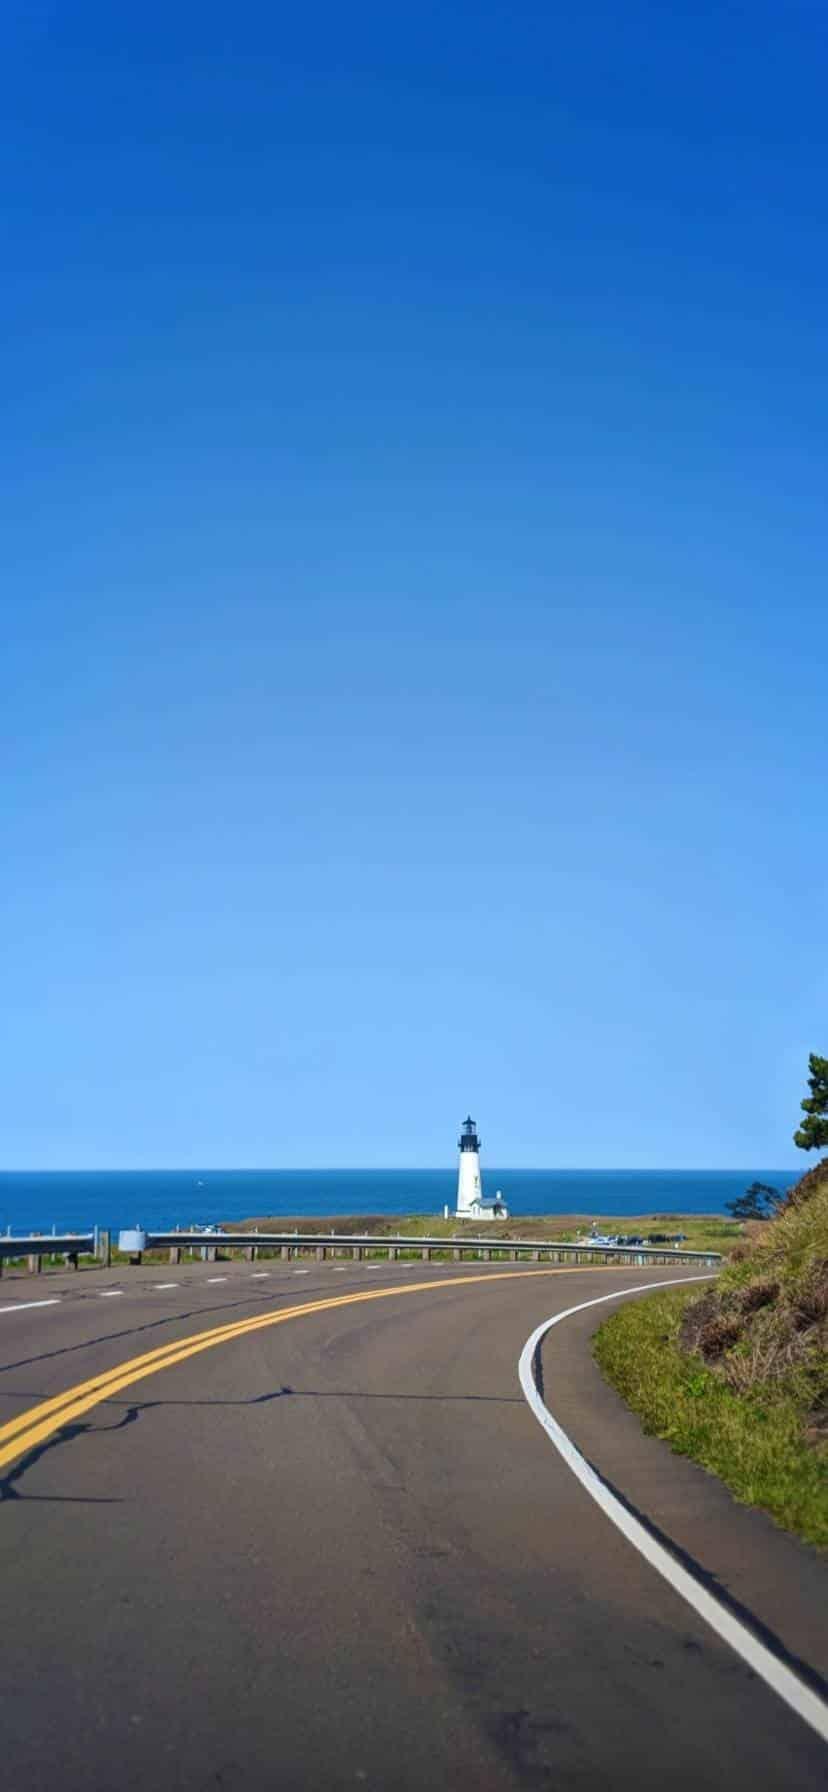 oad To Yaquina Head Lighthouse Oregon Coast Road Trip